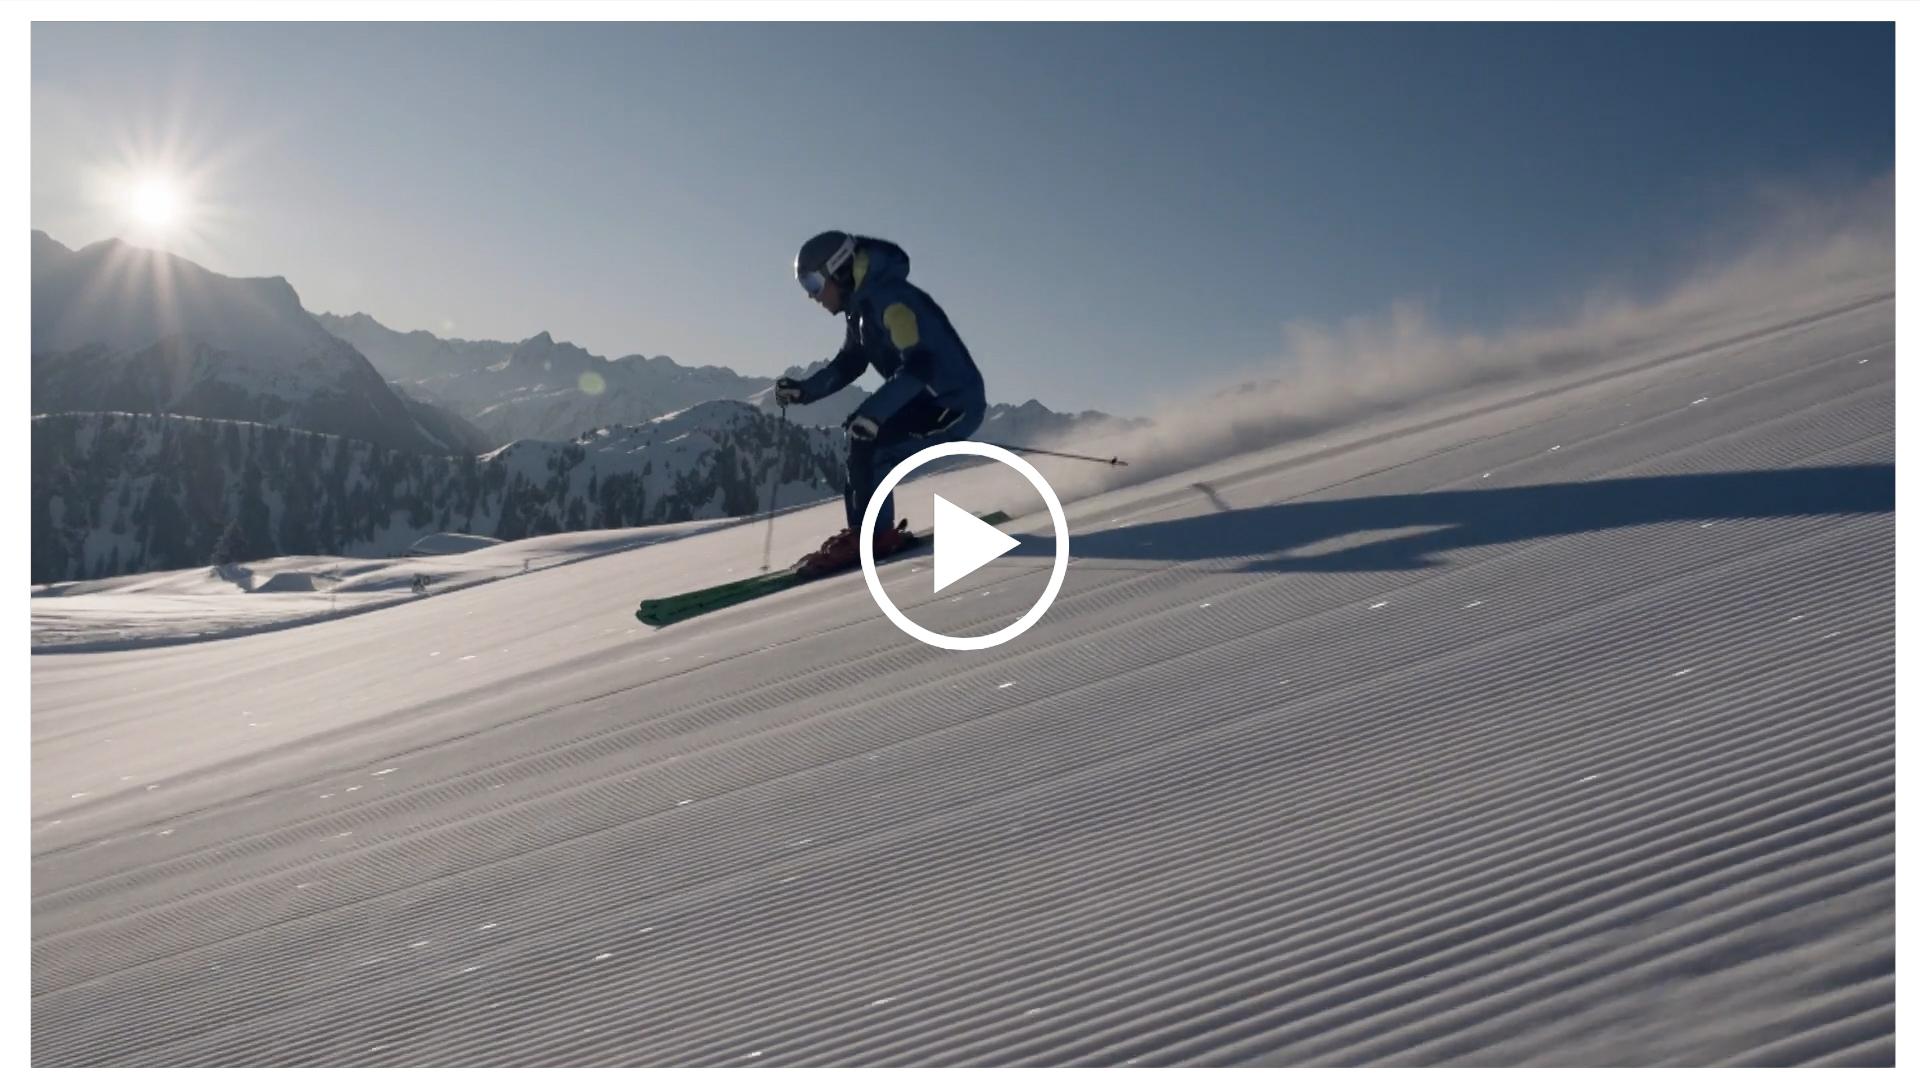 reel-ski-winter-dop-mario-entero